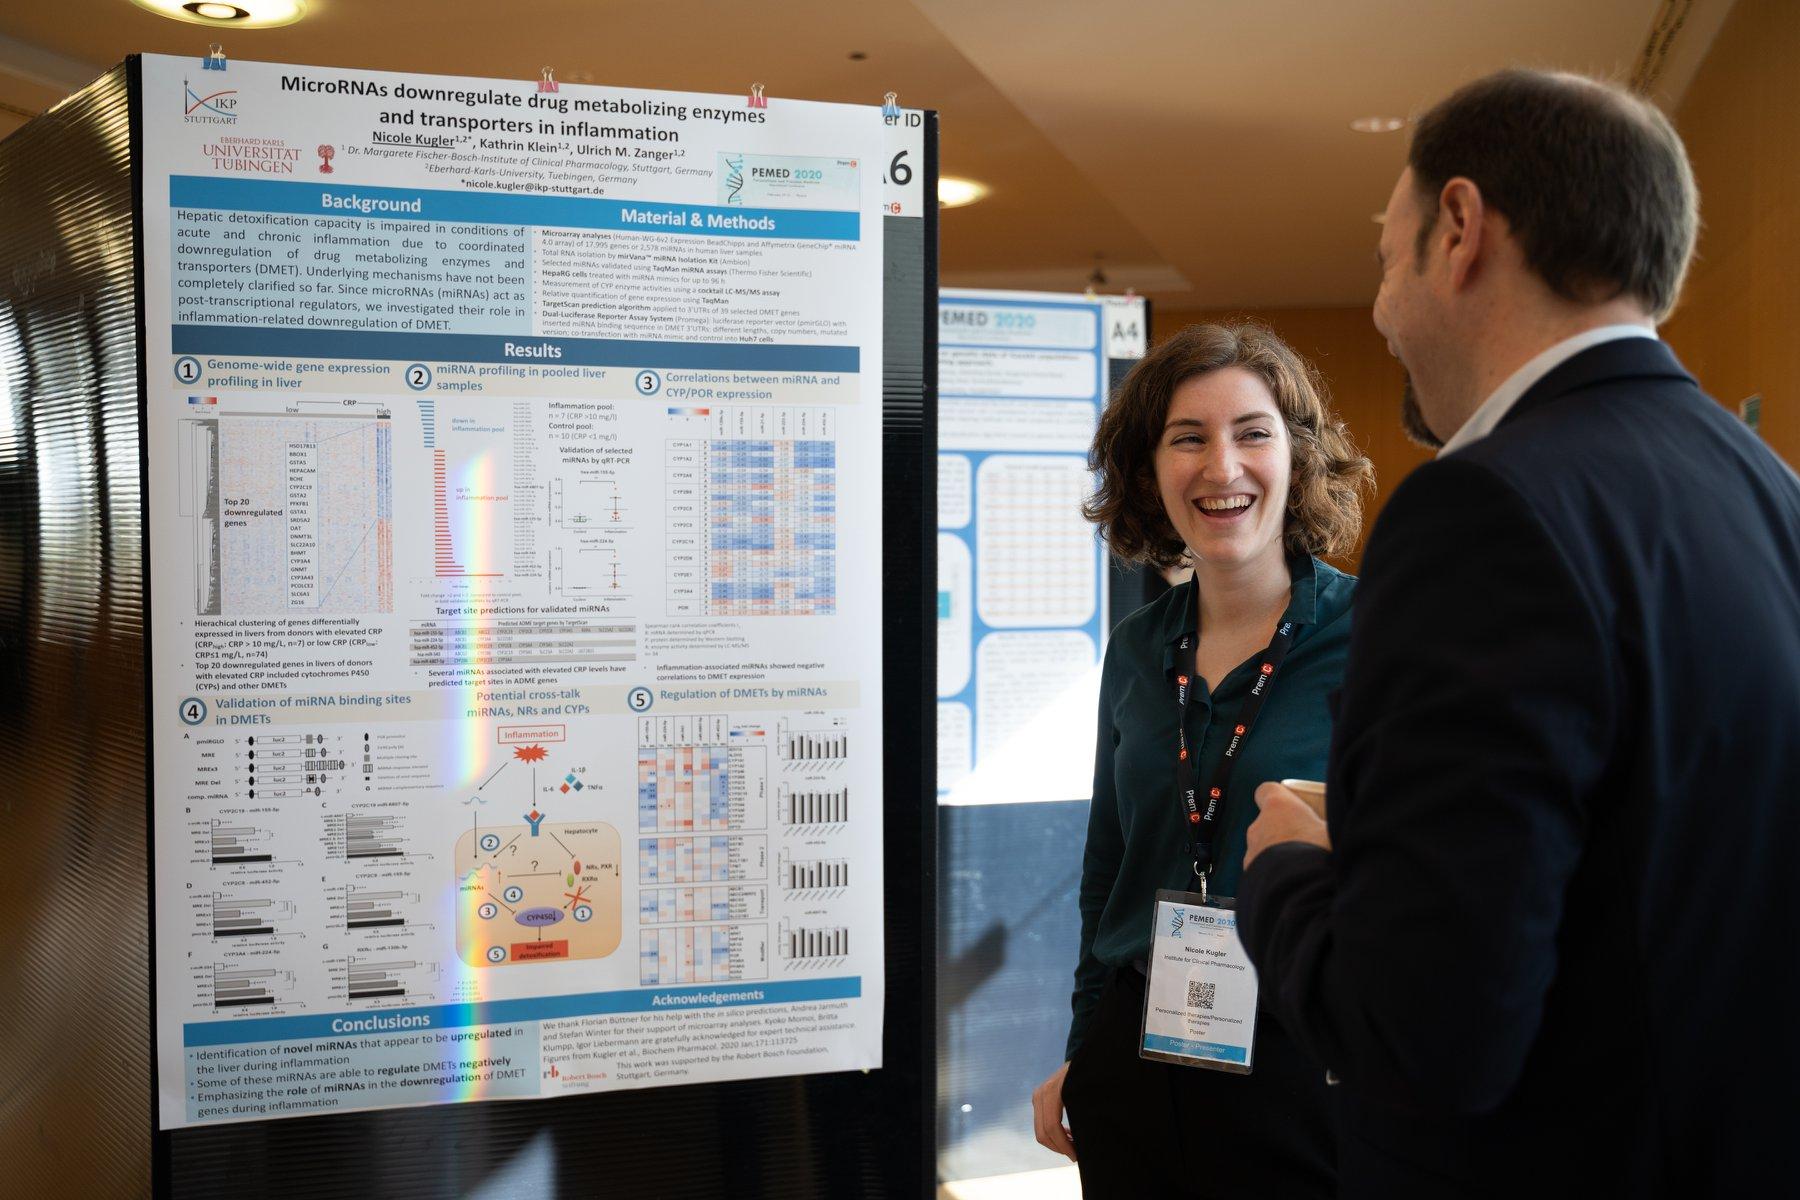 Participant et présentateur échangeant lors d'une session poster